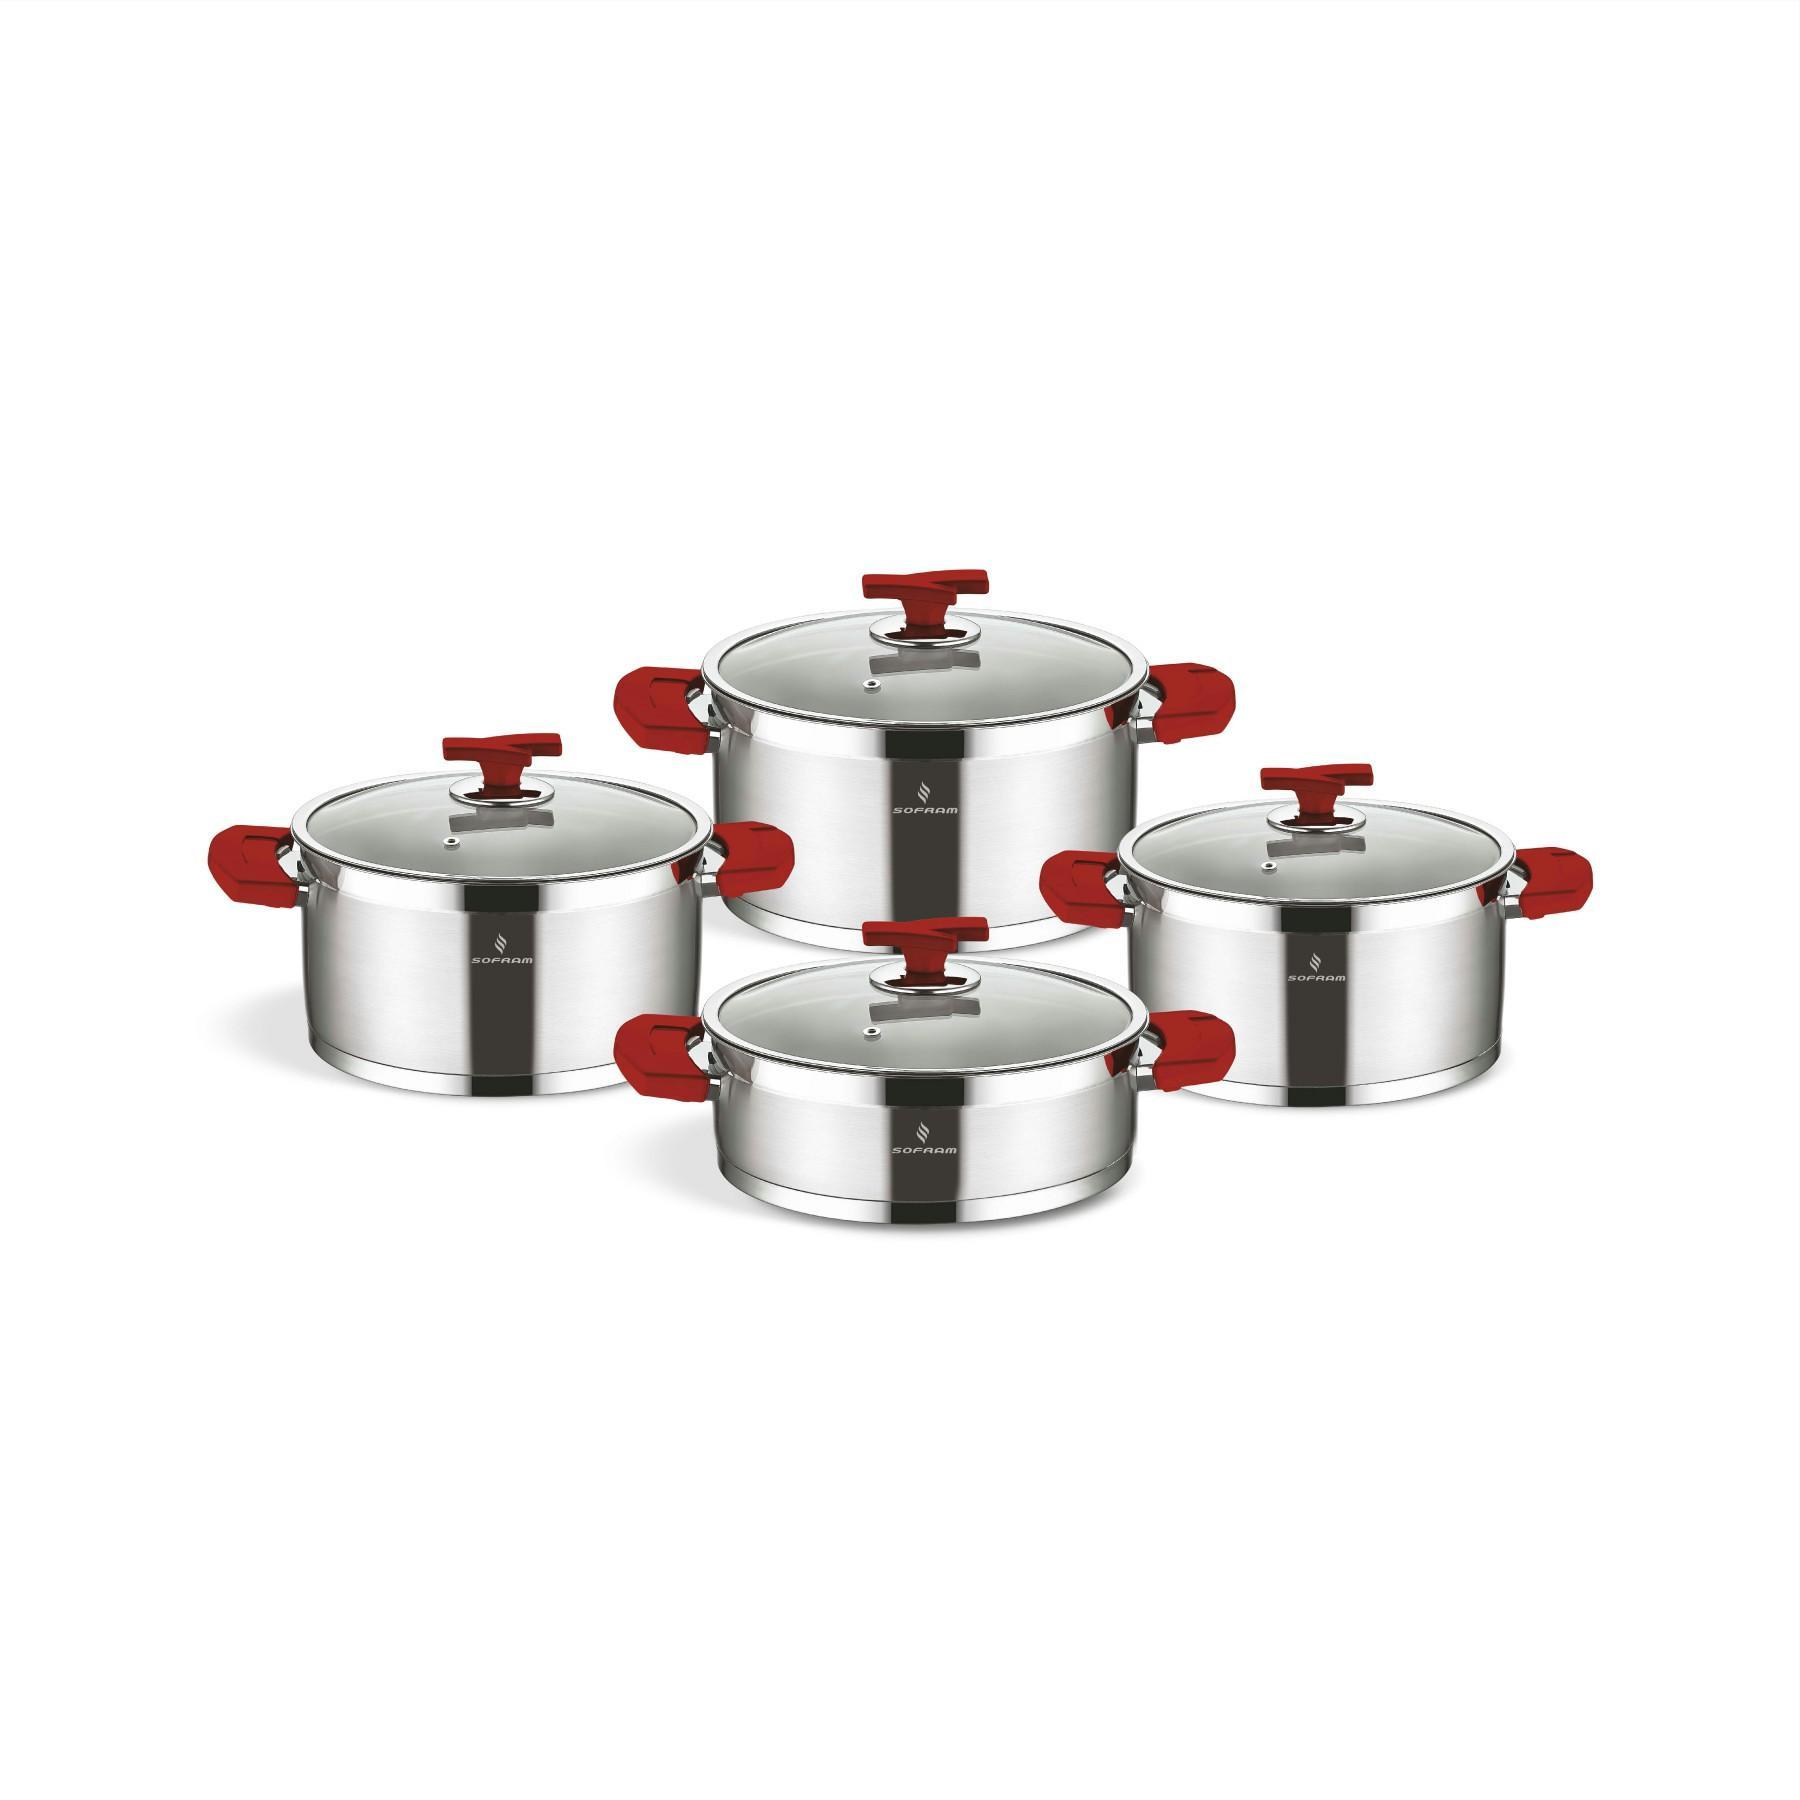 Sofram TETRA 8 Pieces Red Cookware Set